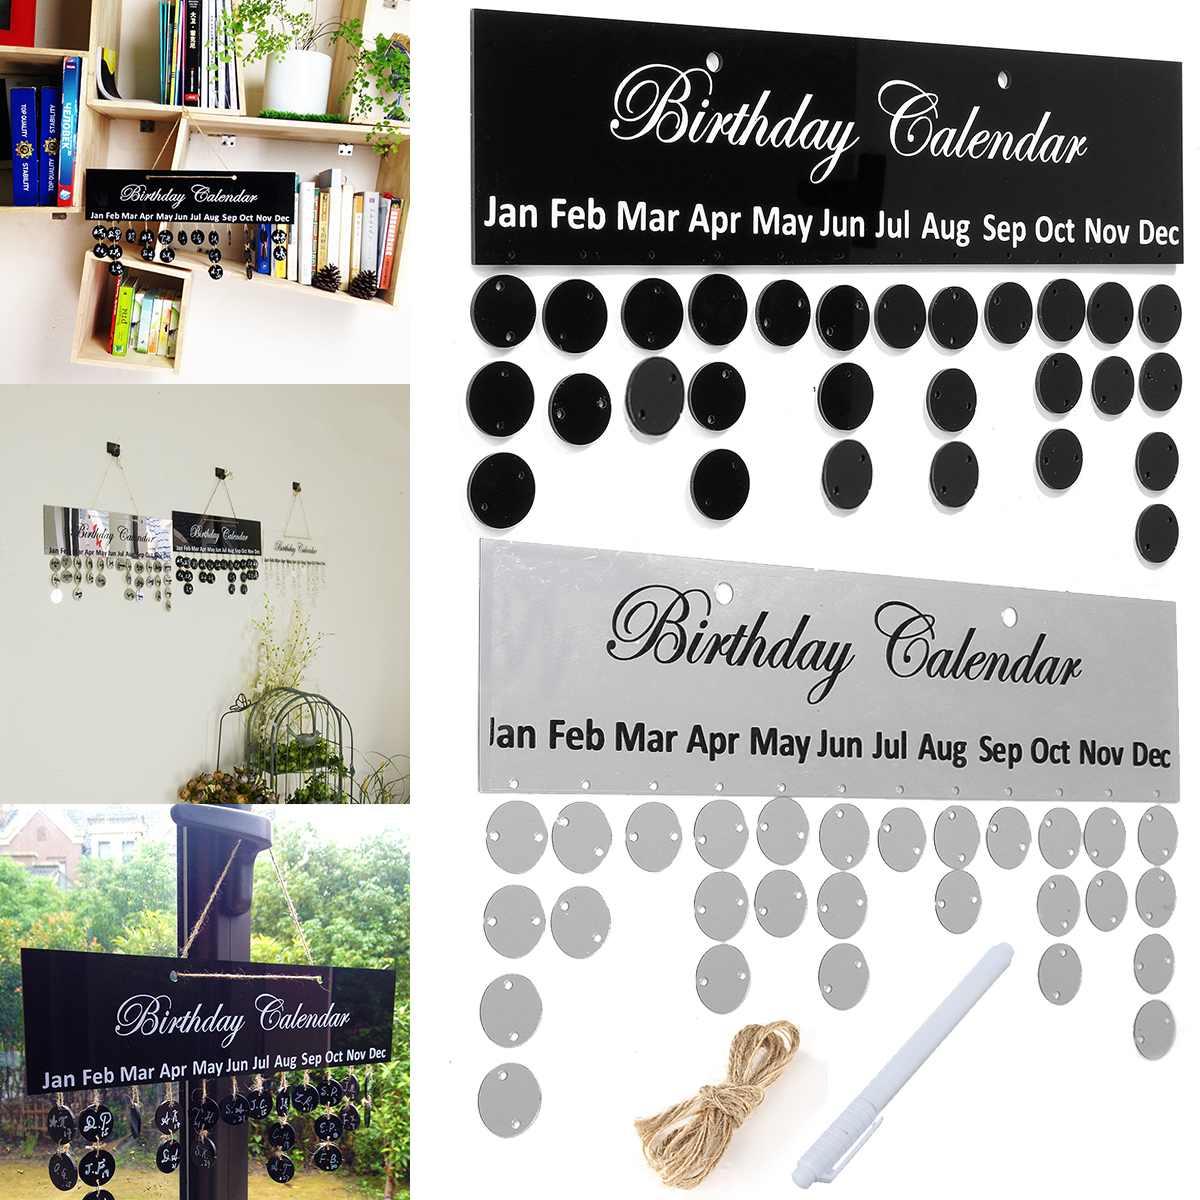 Tablero de calendario de cumpleaños Kicute, plateado y negro, 1 unidad, DIY, familia, cumpleaños, calendario, señal, fechas especiales, planificador, tablero, decoración colgante, regalo